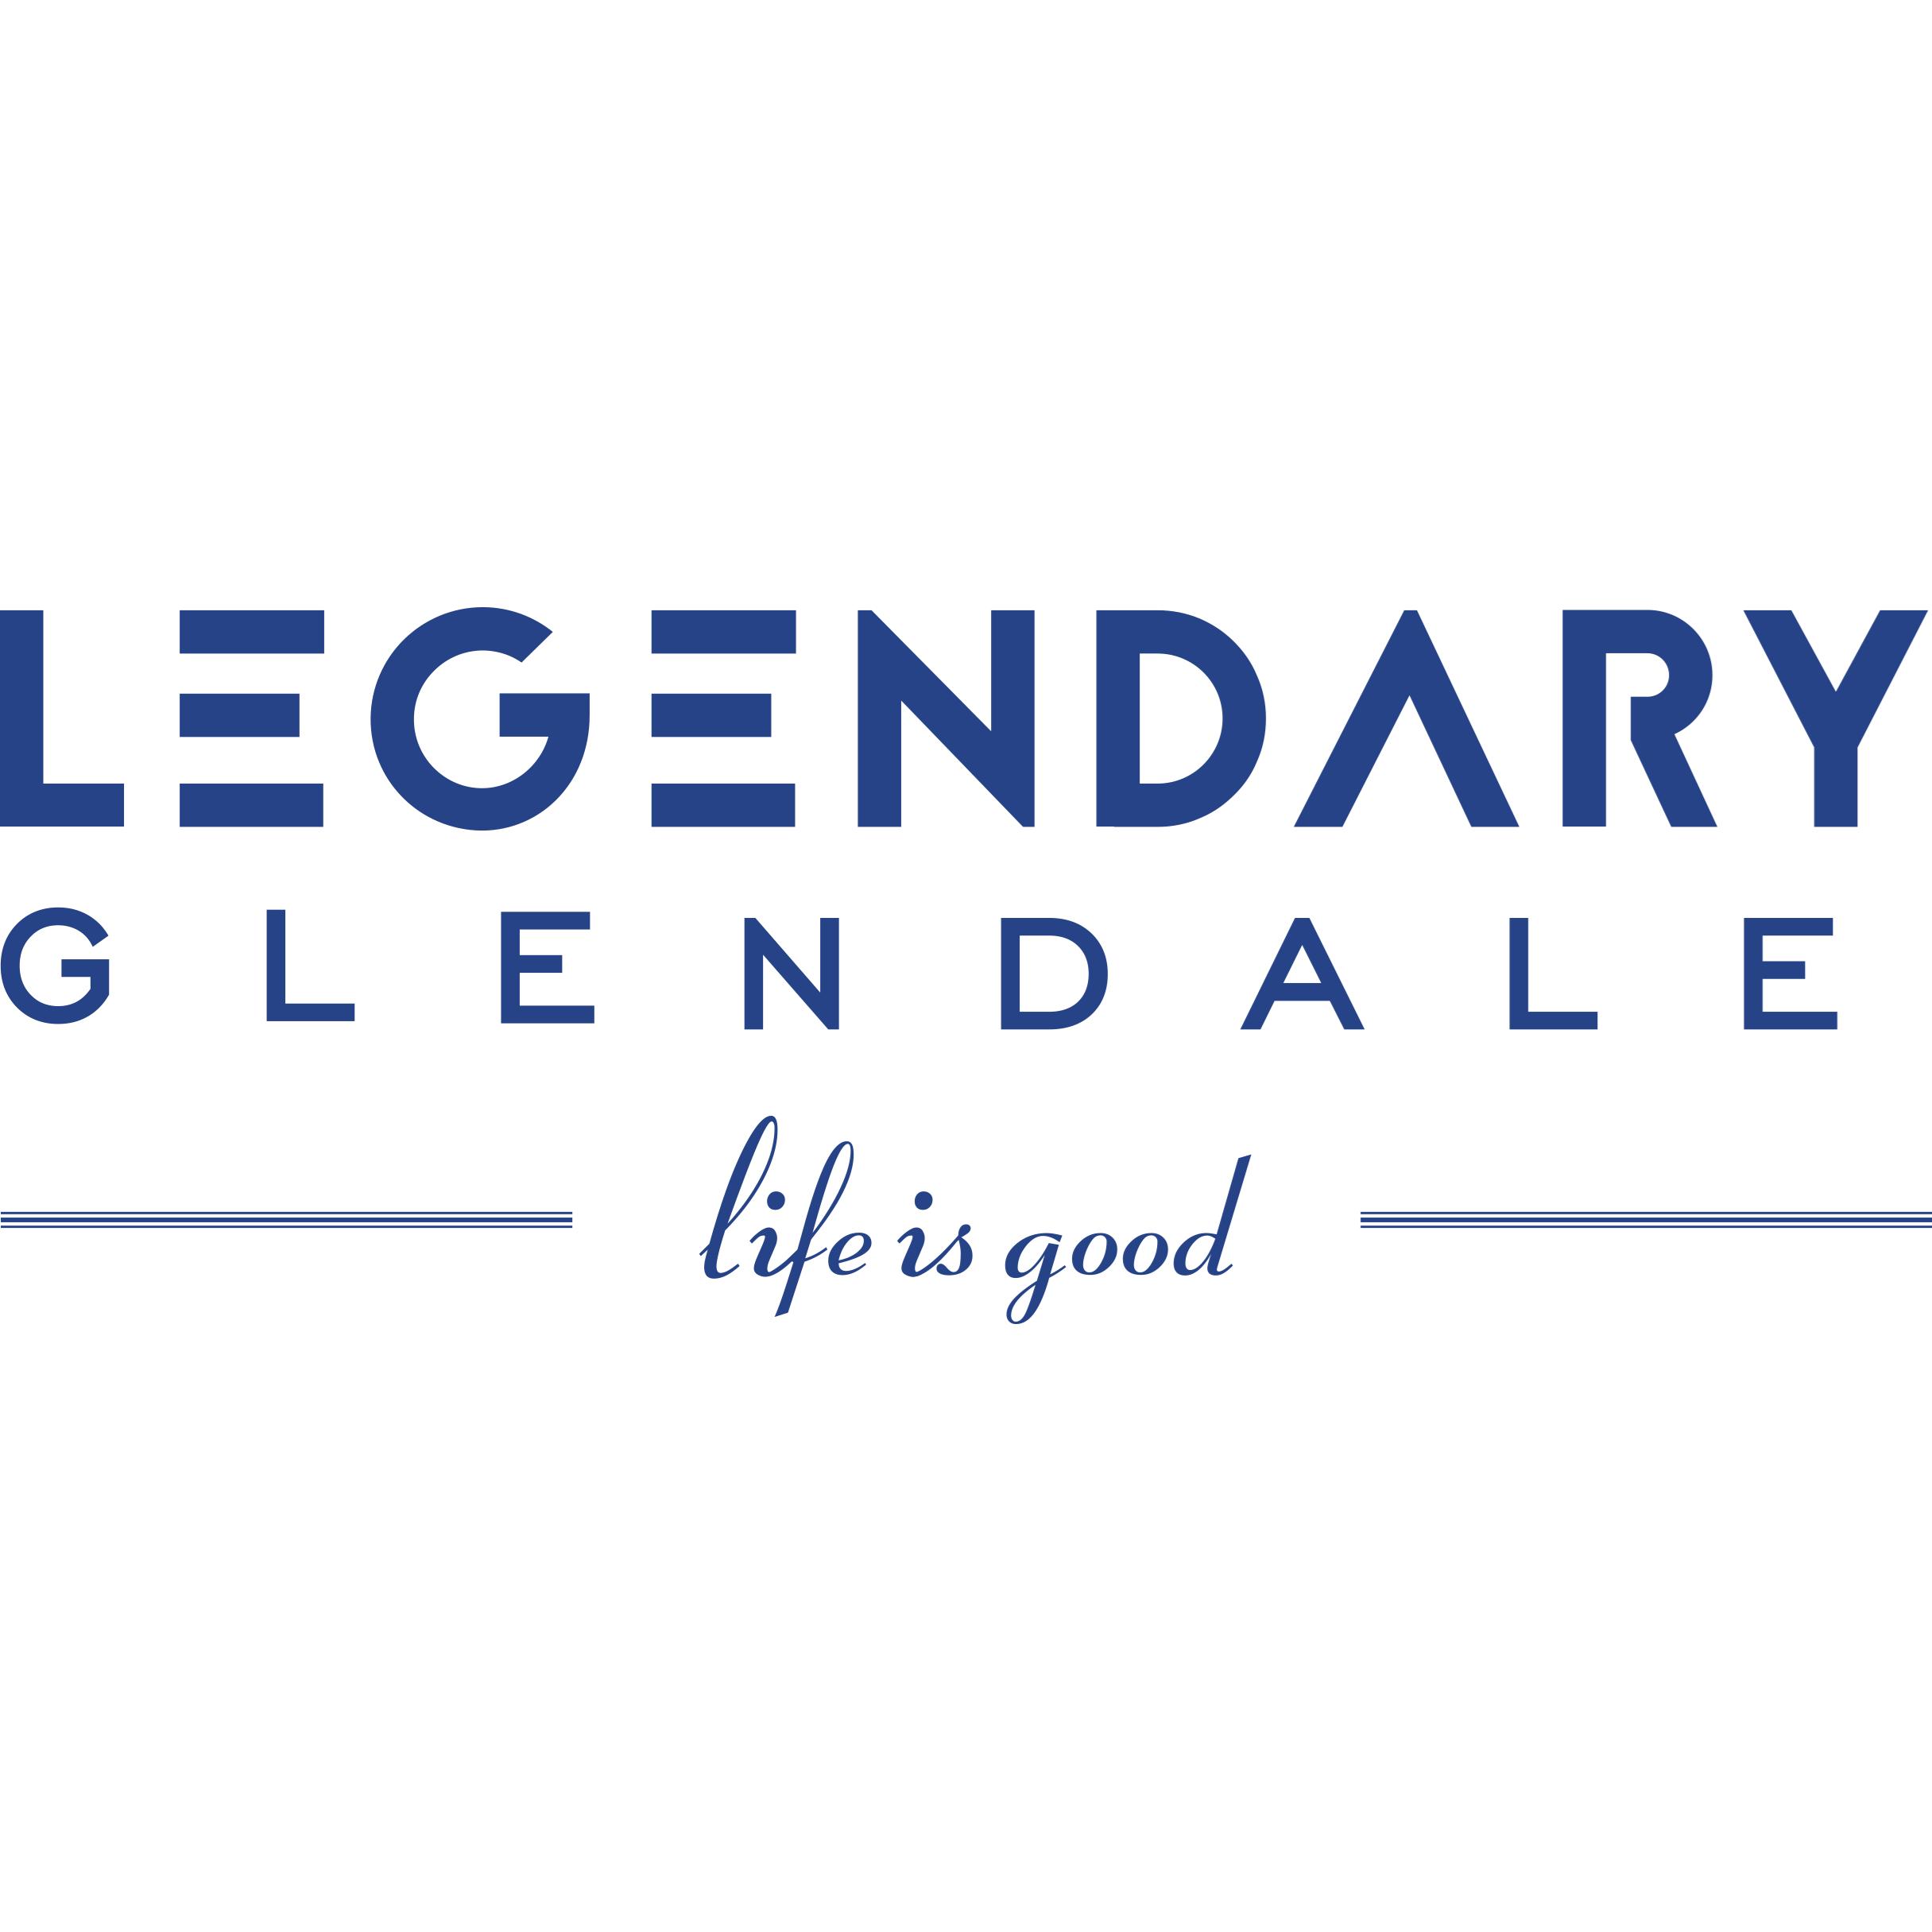 Legendary Glendale